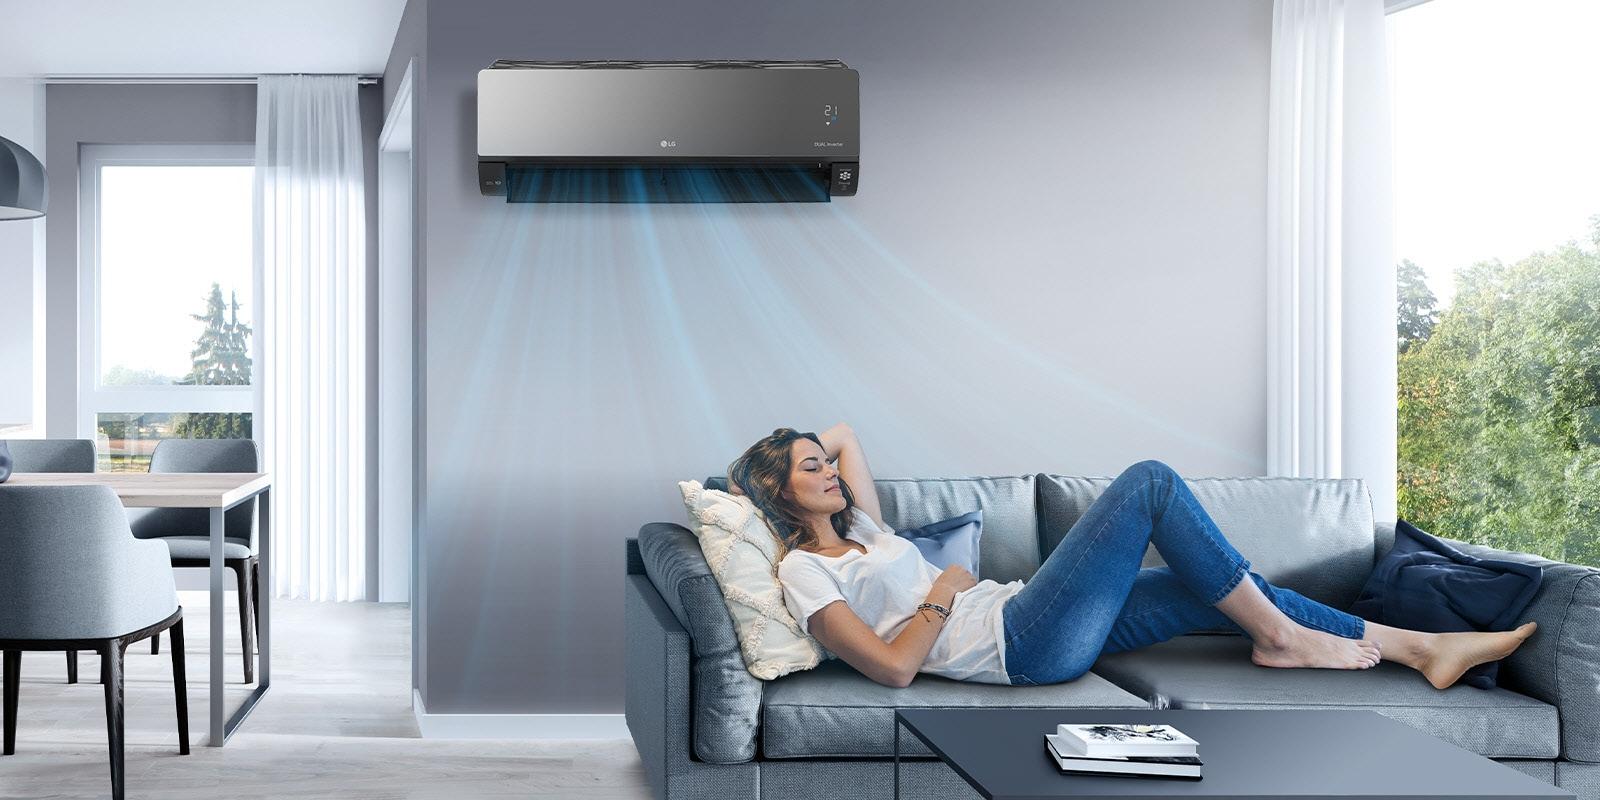 Μια γυναίκα περνάει την ώρα της στον καναπέ ενός καθιστικού, με το κλιματιστικό της LG τοποθετημένο στον τοίχο, επάνω από αυτήν. Στην εικόνα φαίνονται μπλε δέσμες αέρα που υποδεικνύουν ότι το κλιματιστικό είναι ενεργοποιημένο και ψύχει τον χώρο.